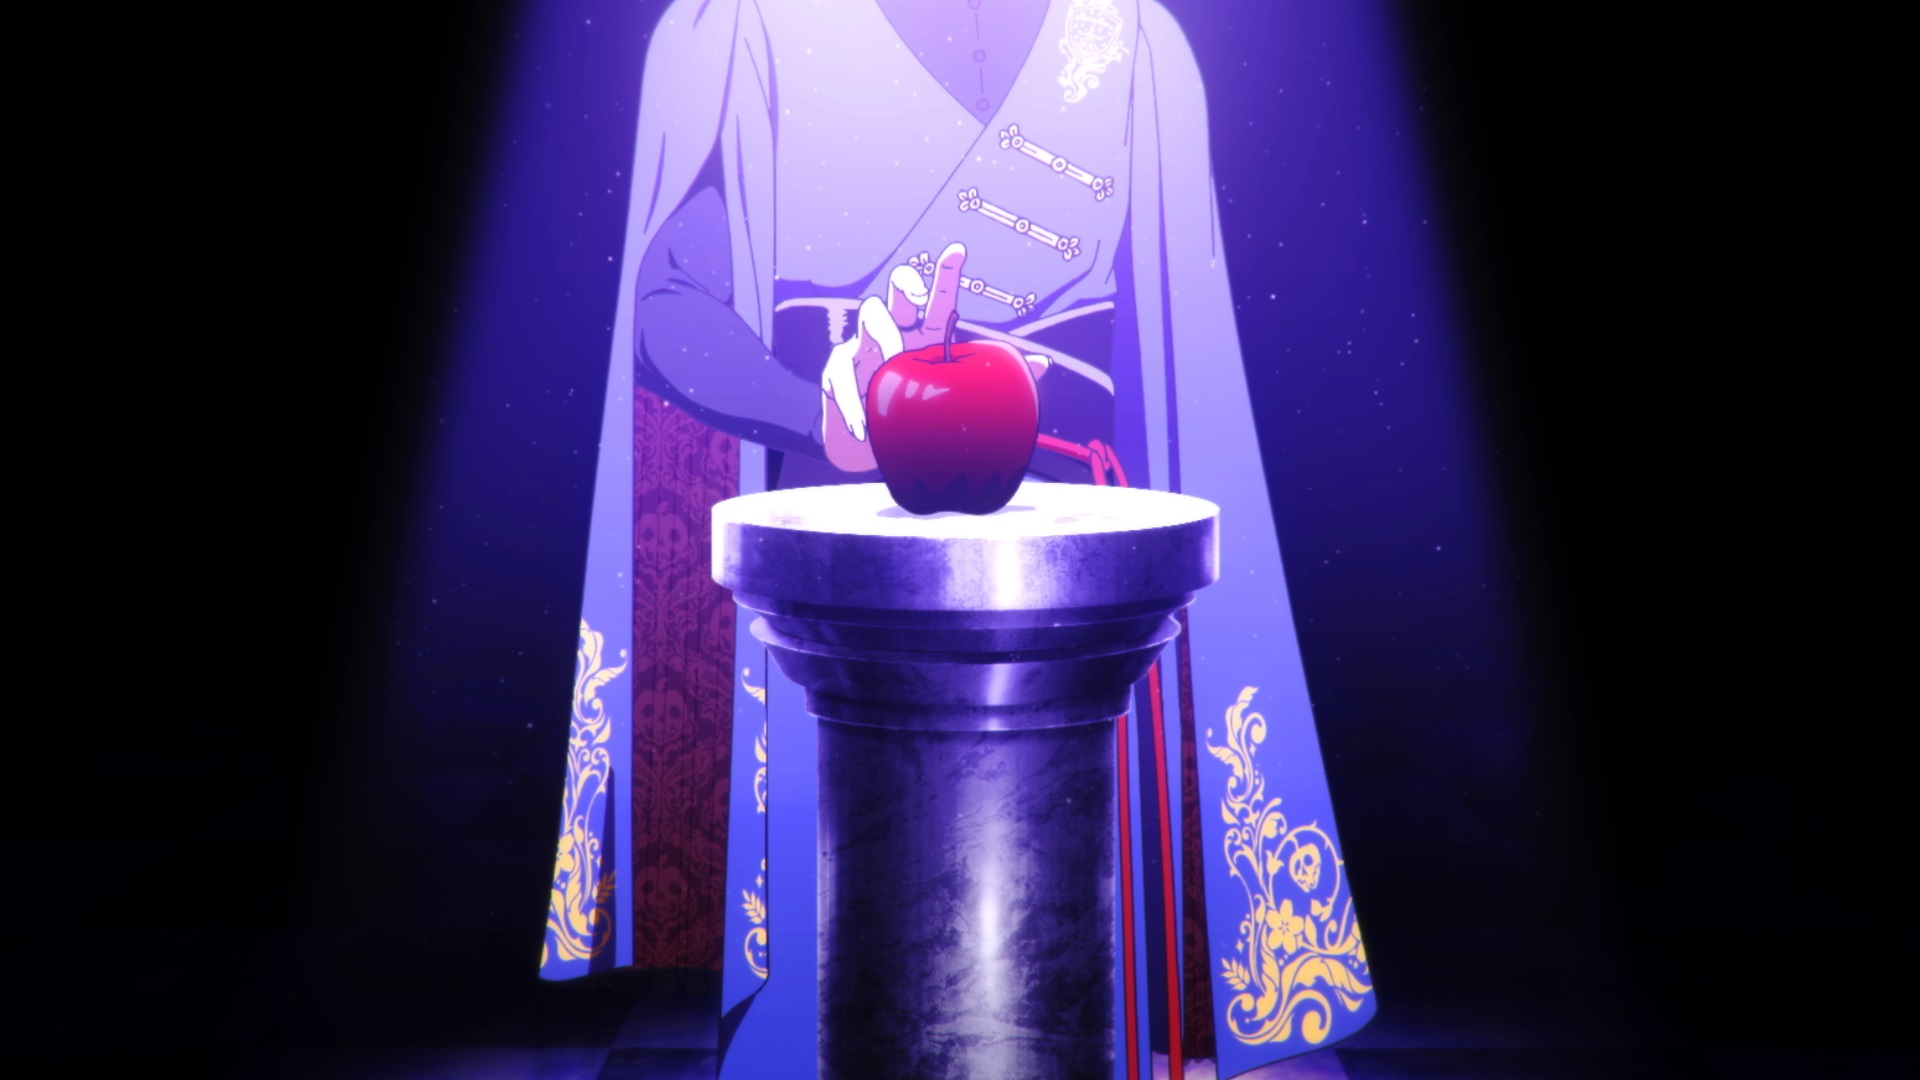 「ツイステ」ポムフィオーレ寮の新アニメーションTVCM公開!ヴィル役・相葉裕樹さんの録り下ろしボイス使用